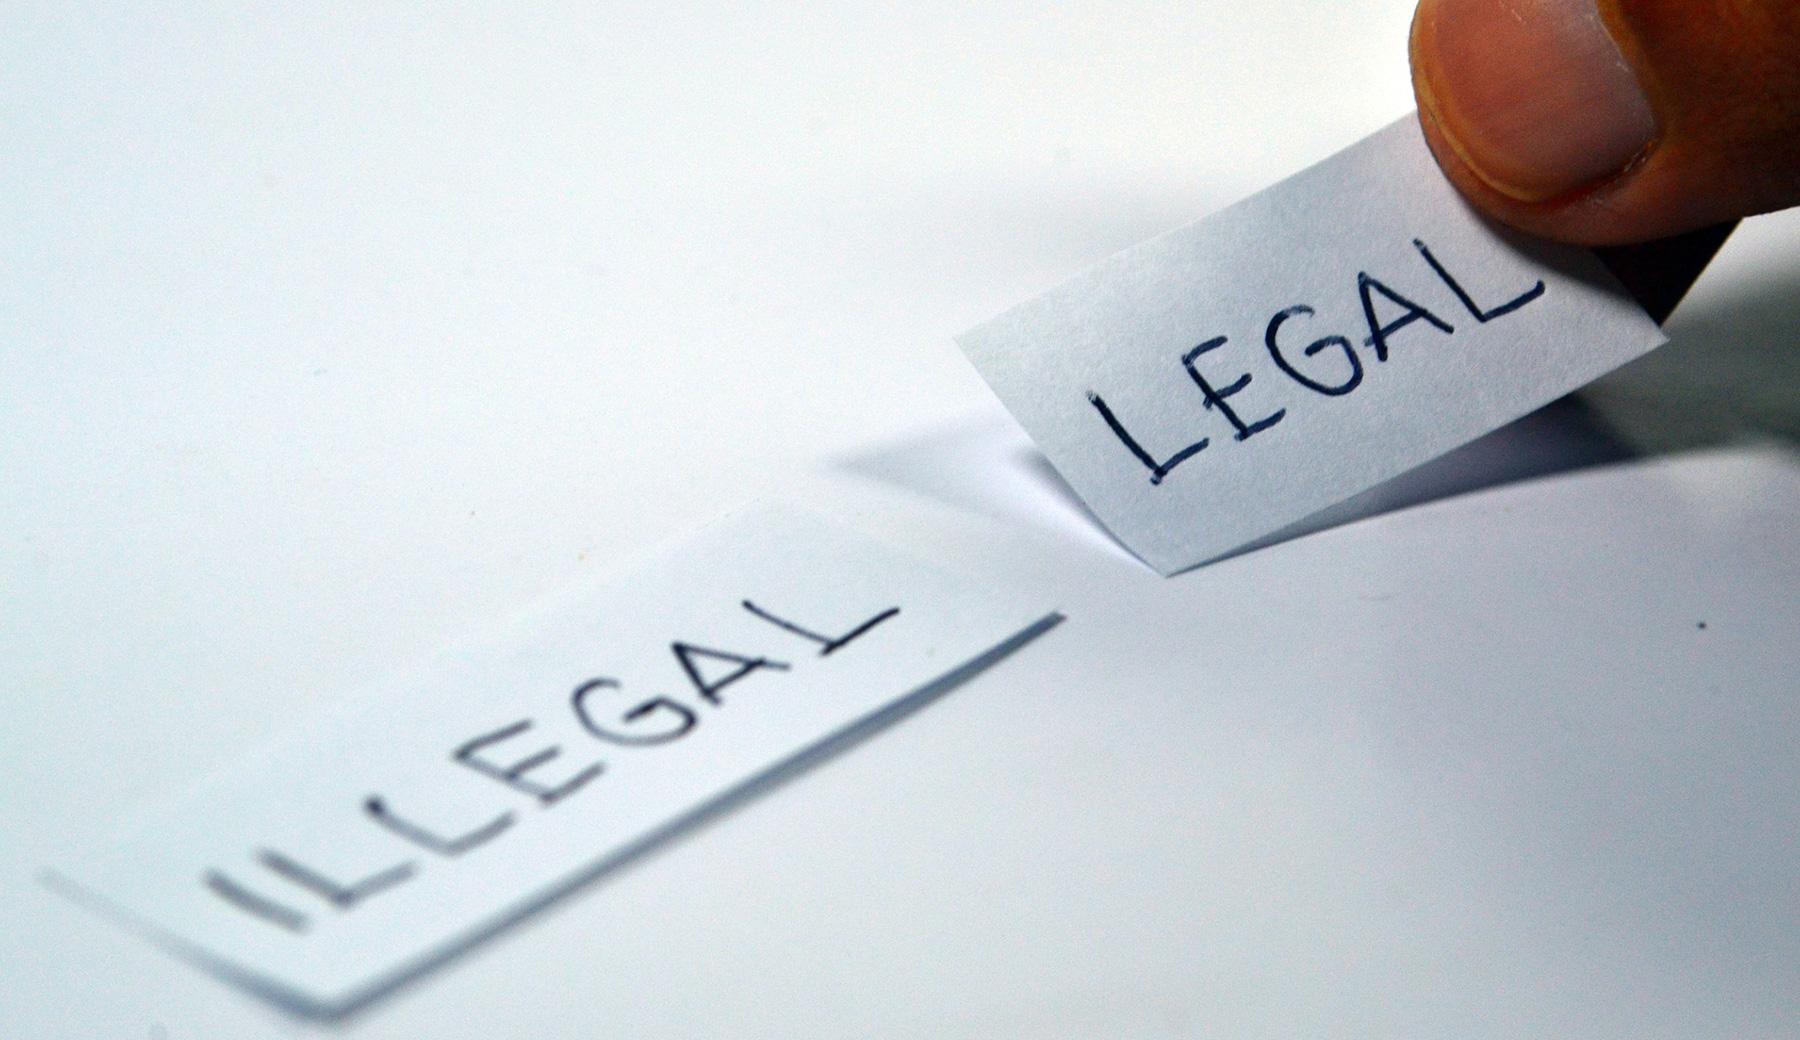 Zettel mit Illegalund Legal